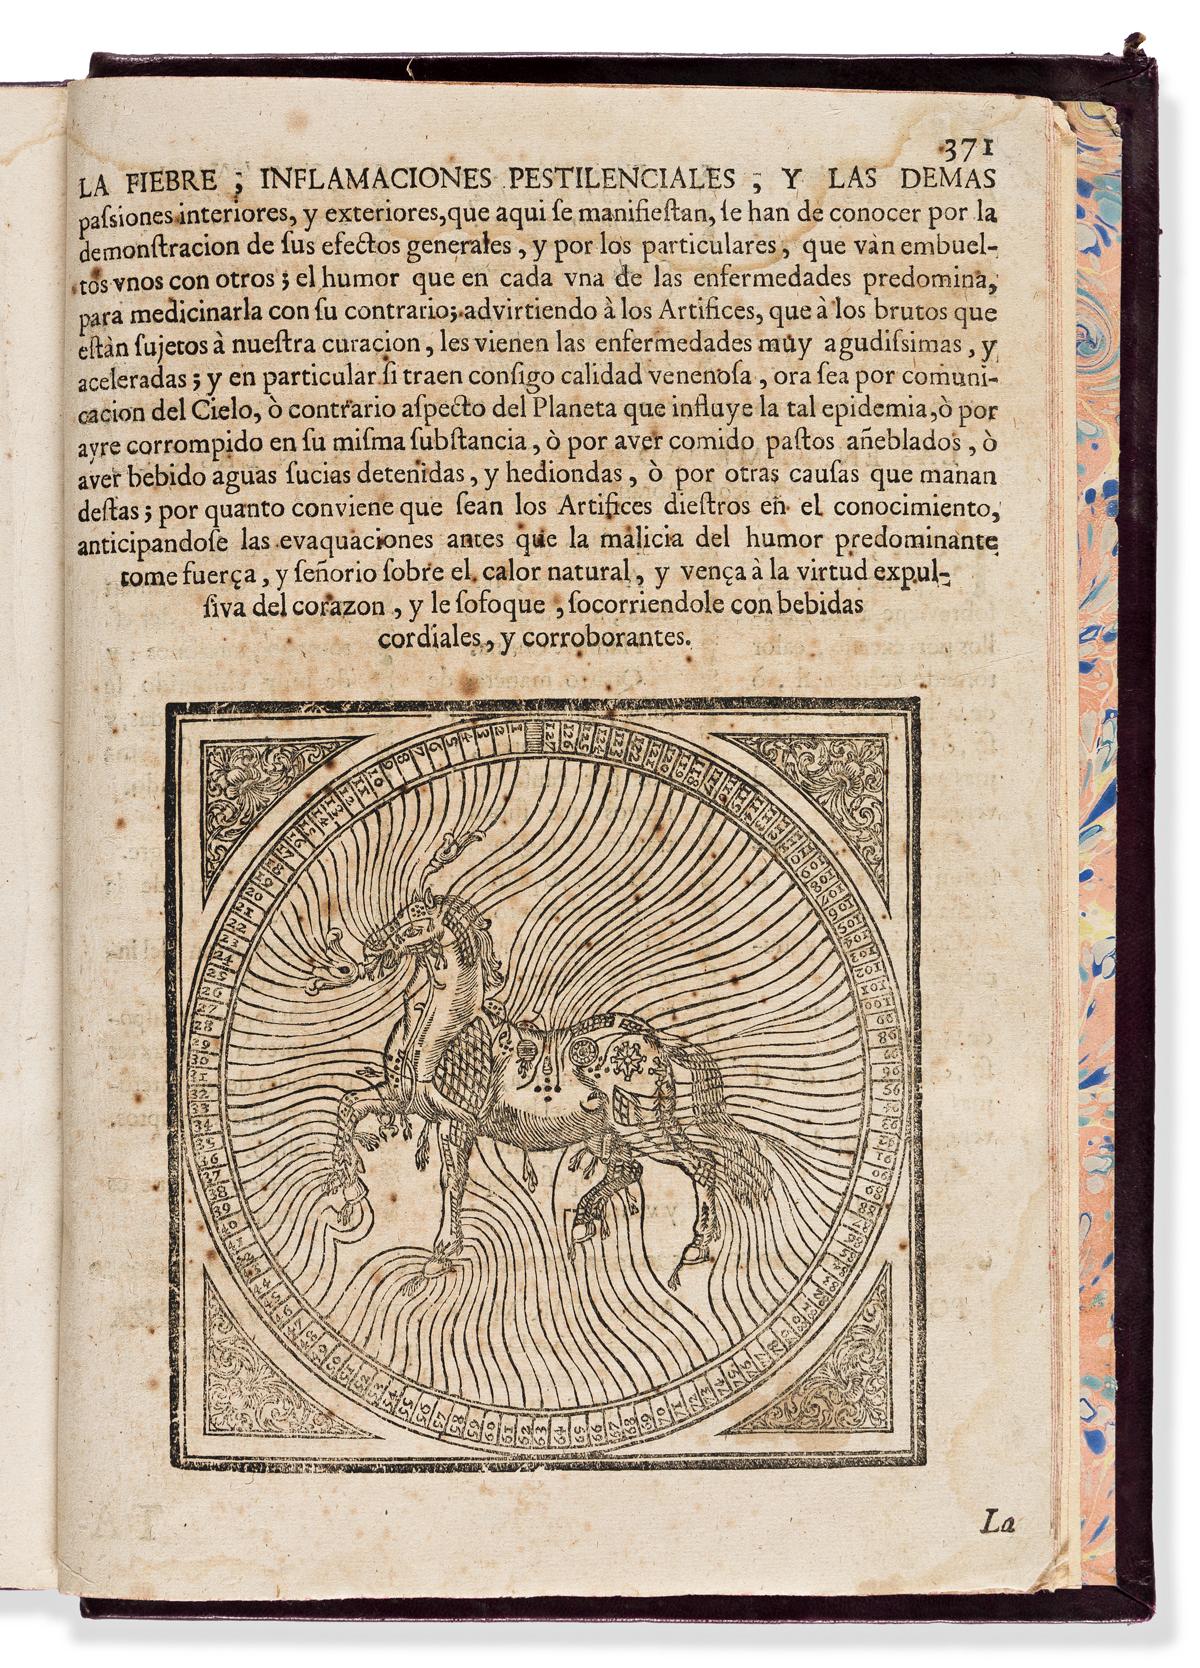 Arredondo, Martín (1598-1670) Obras de Albeyteria, Primera, Segunda, y Tercera Parte Aora Nuevamente Corregidas, y Añadidas.